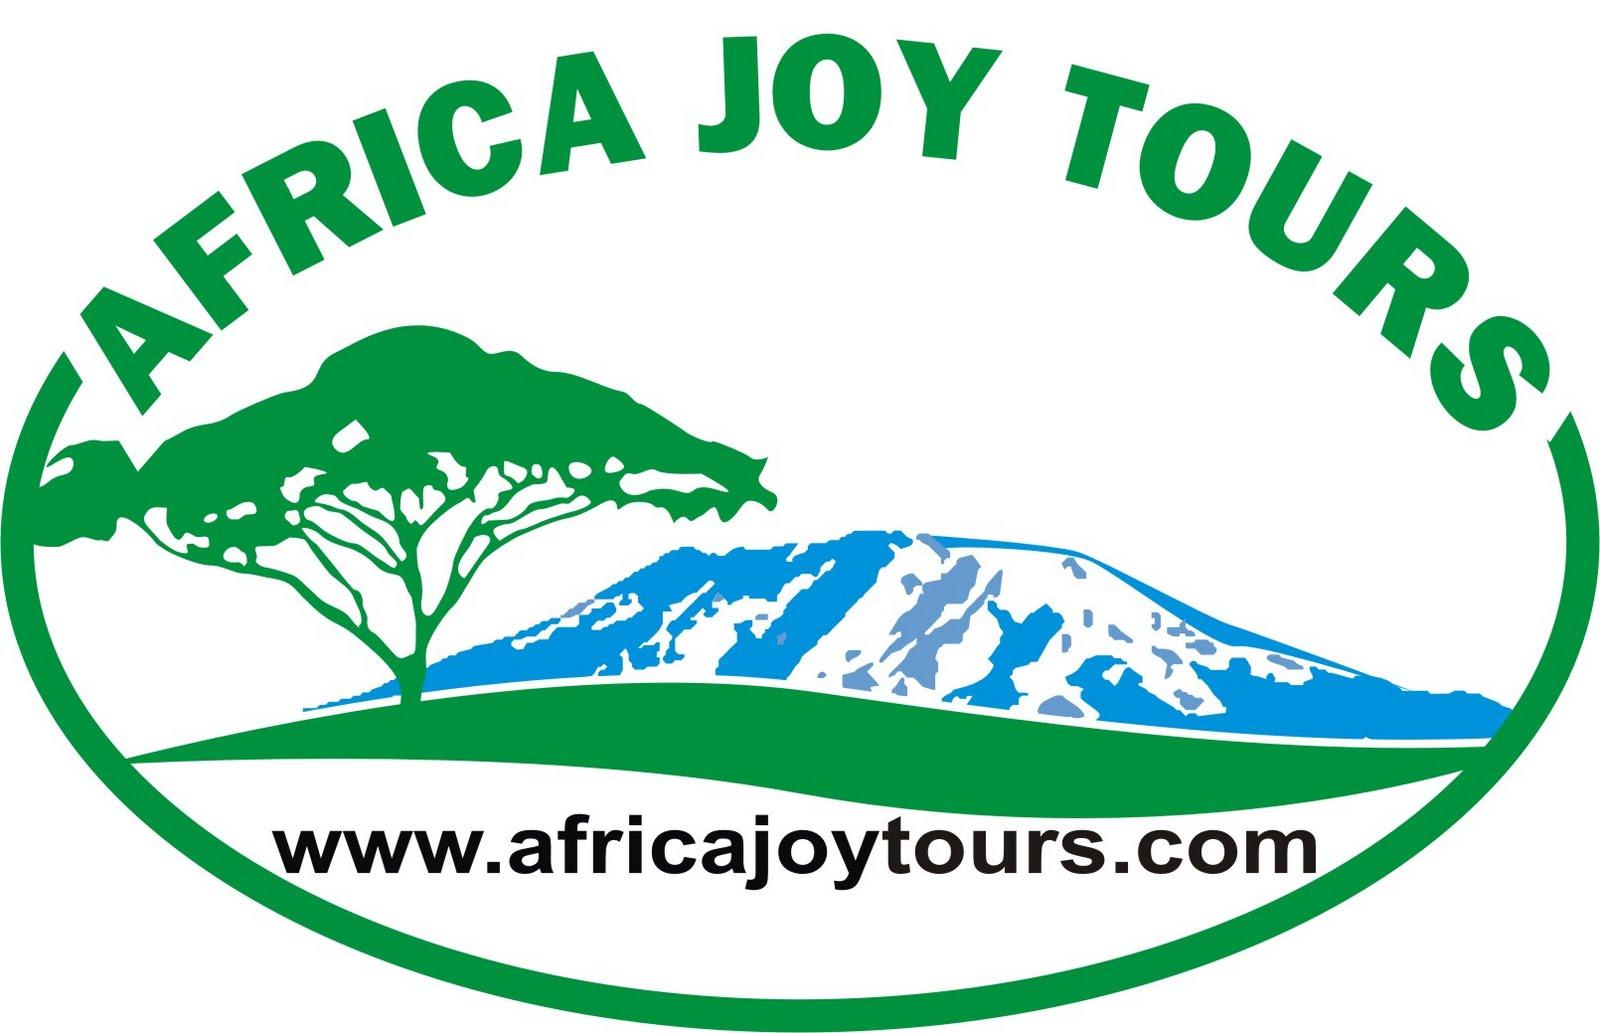 Africa Joy Tours and Safaris LTD